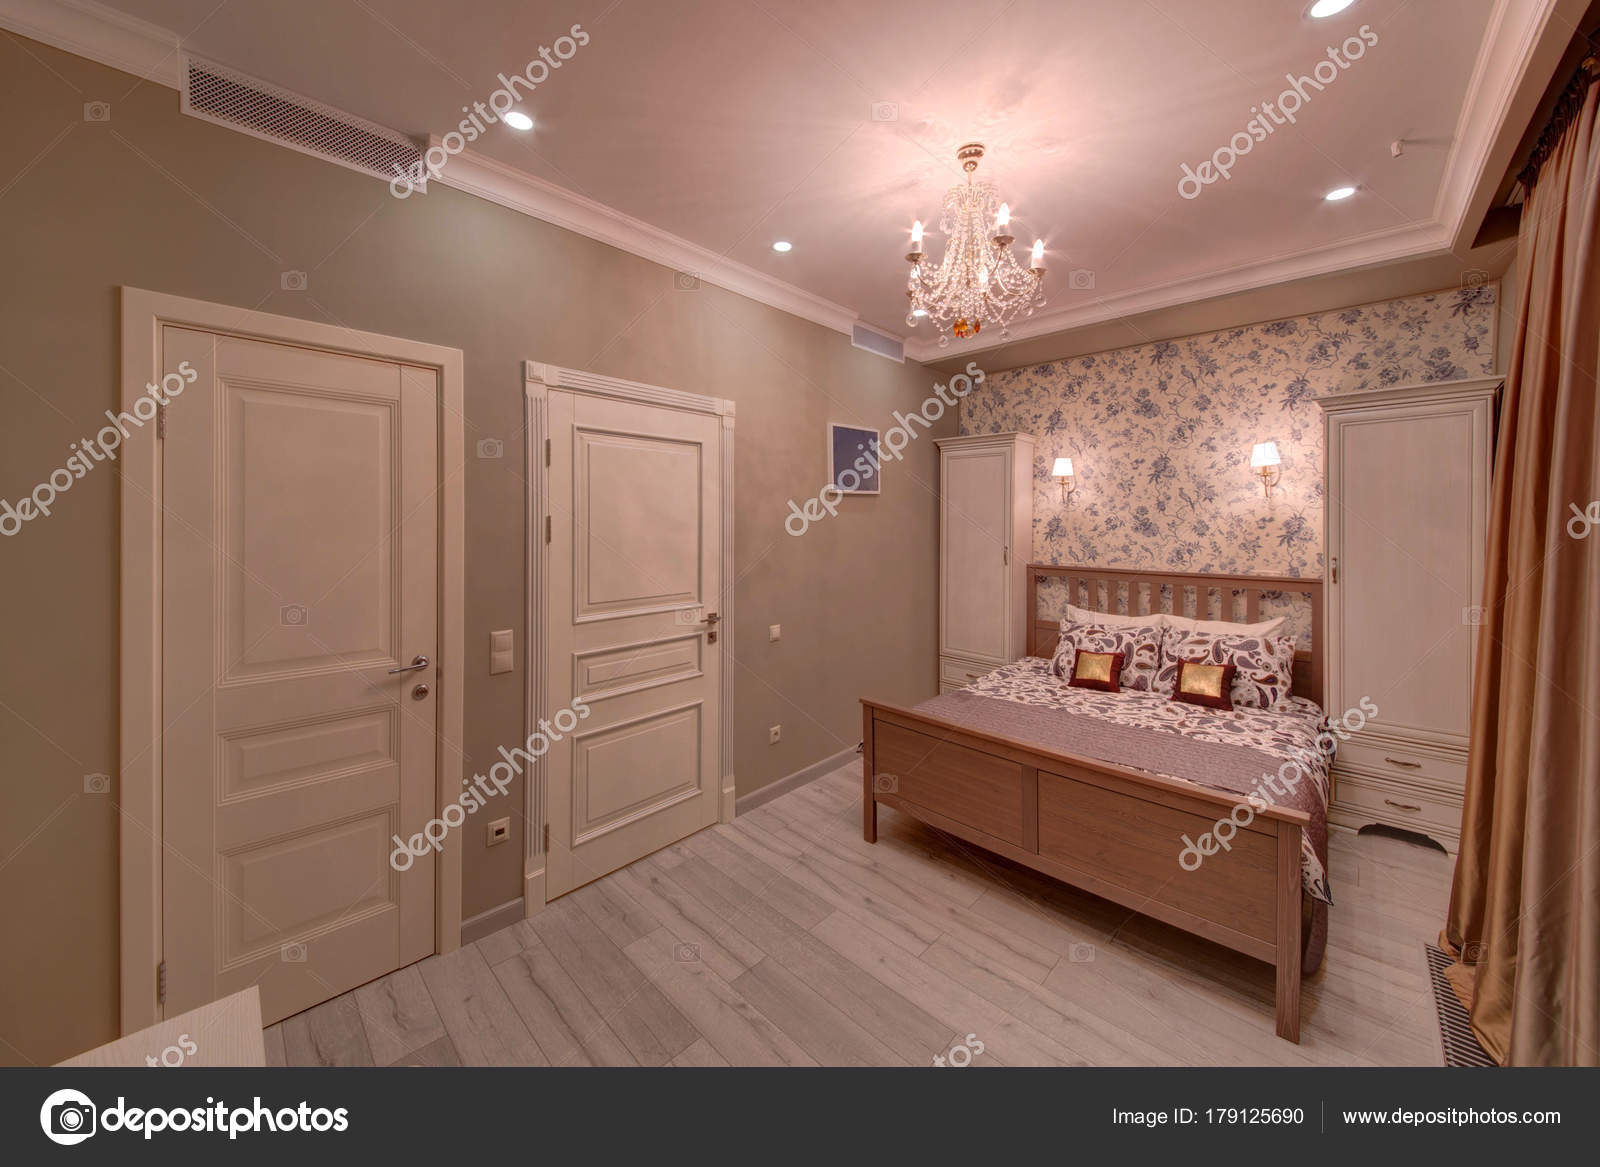 Das Schlafzimmer Creme Farbe Mit Weißen Türen Ein Großes Bett U2014 Stockfoto